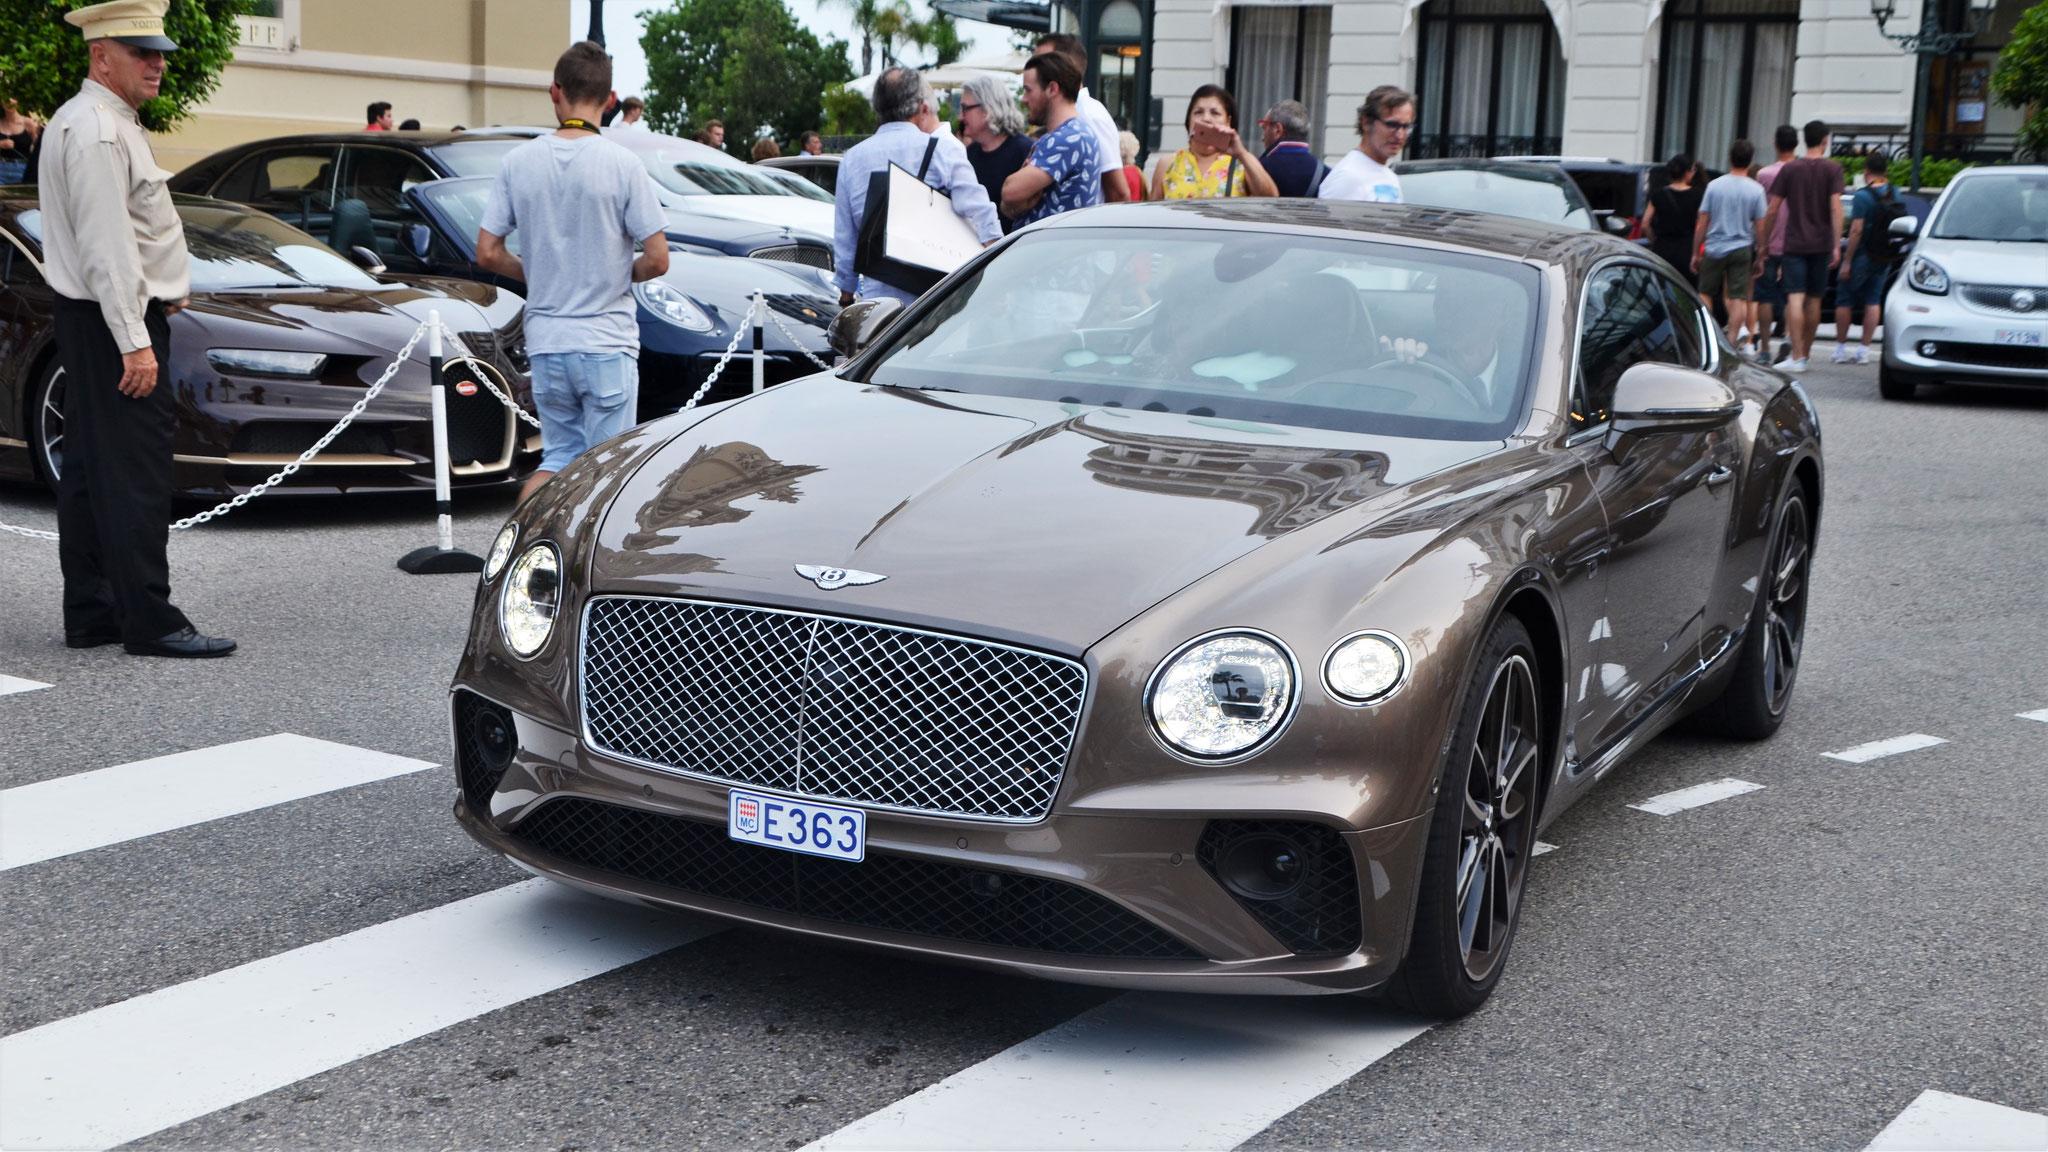 Bentley Continental GT - E363 (MC)